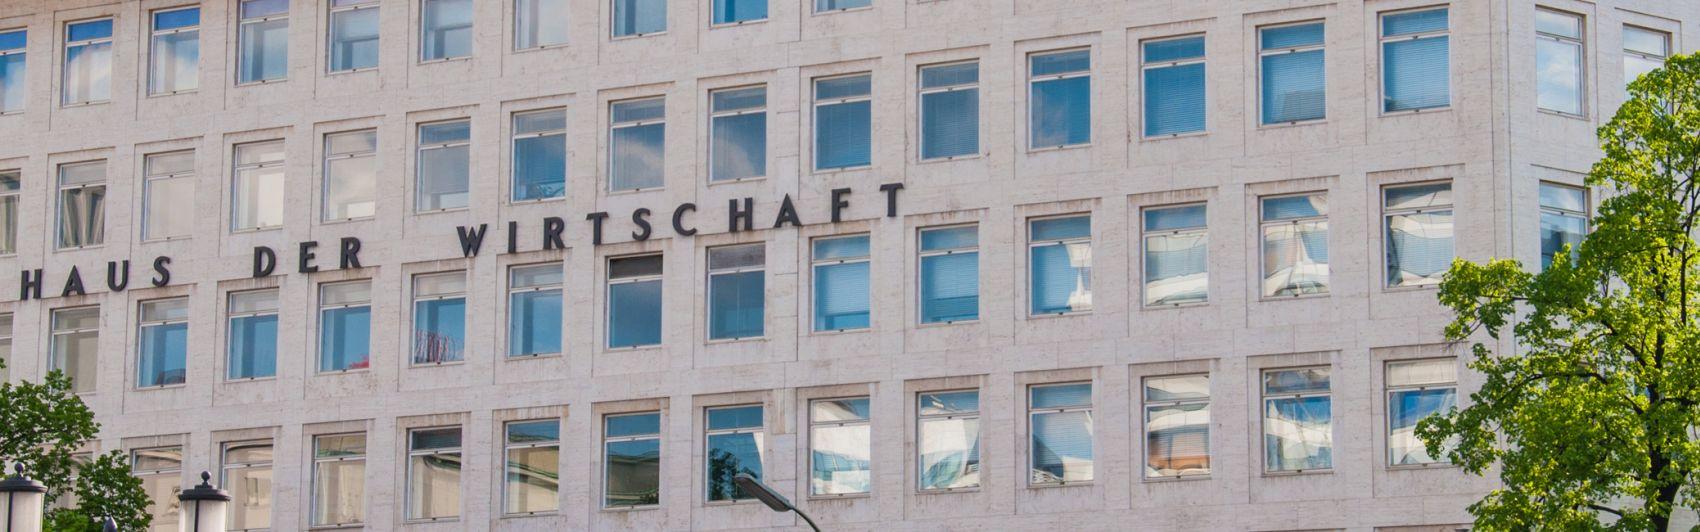 Haus der Wirtschaft Berlin, VME Berlin-Brandenburg